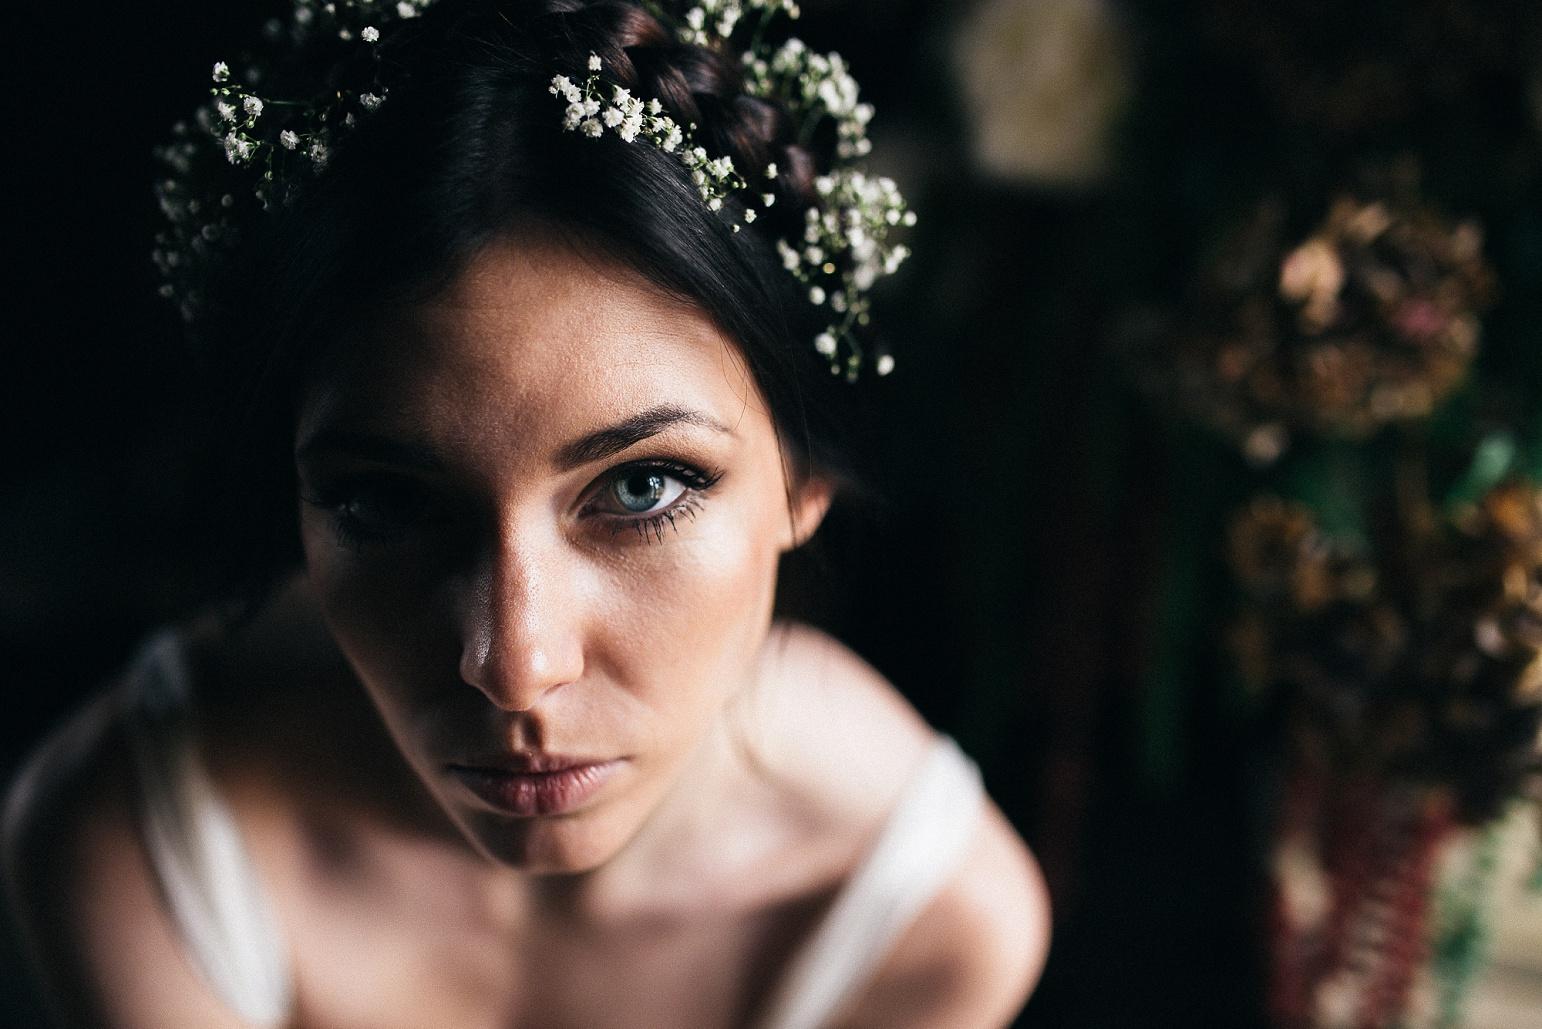 katerynaphotos-mariage-photographe-paysdelaloire-lemans-sarthe-sud_0576.jpg